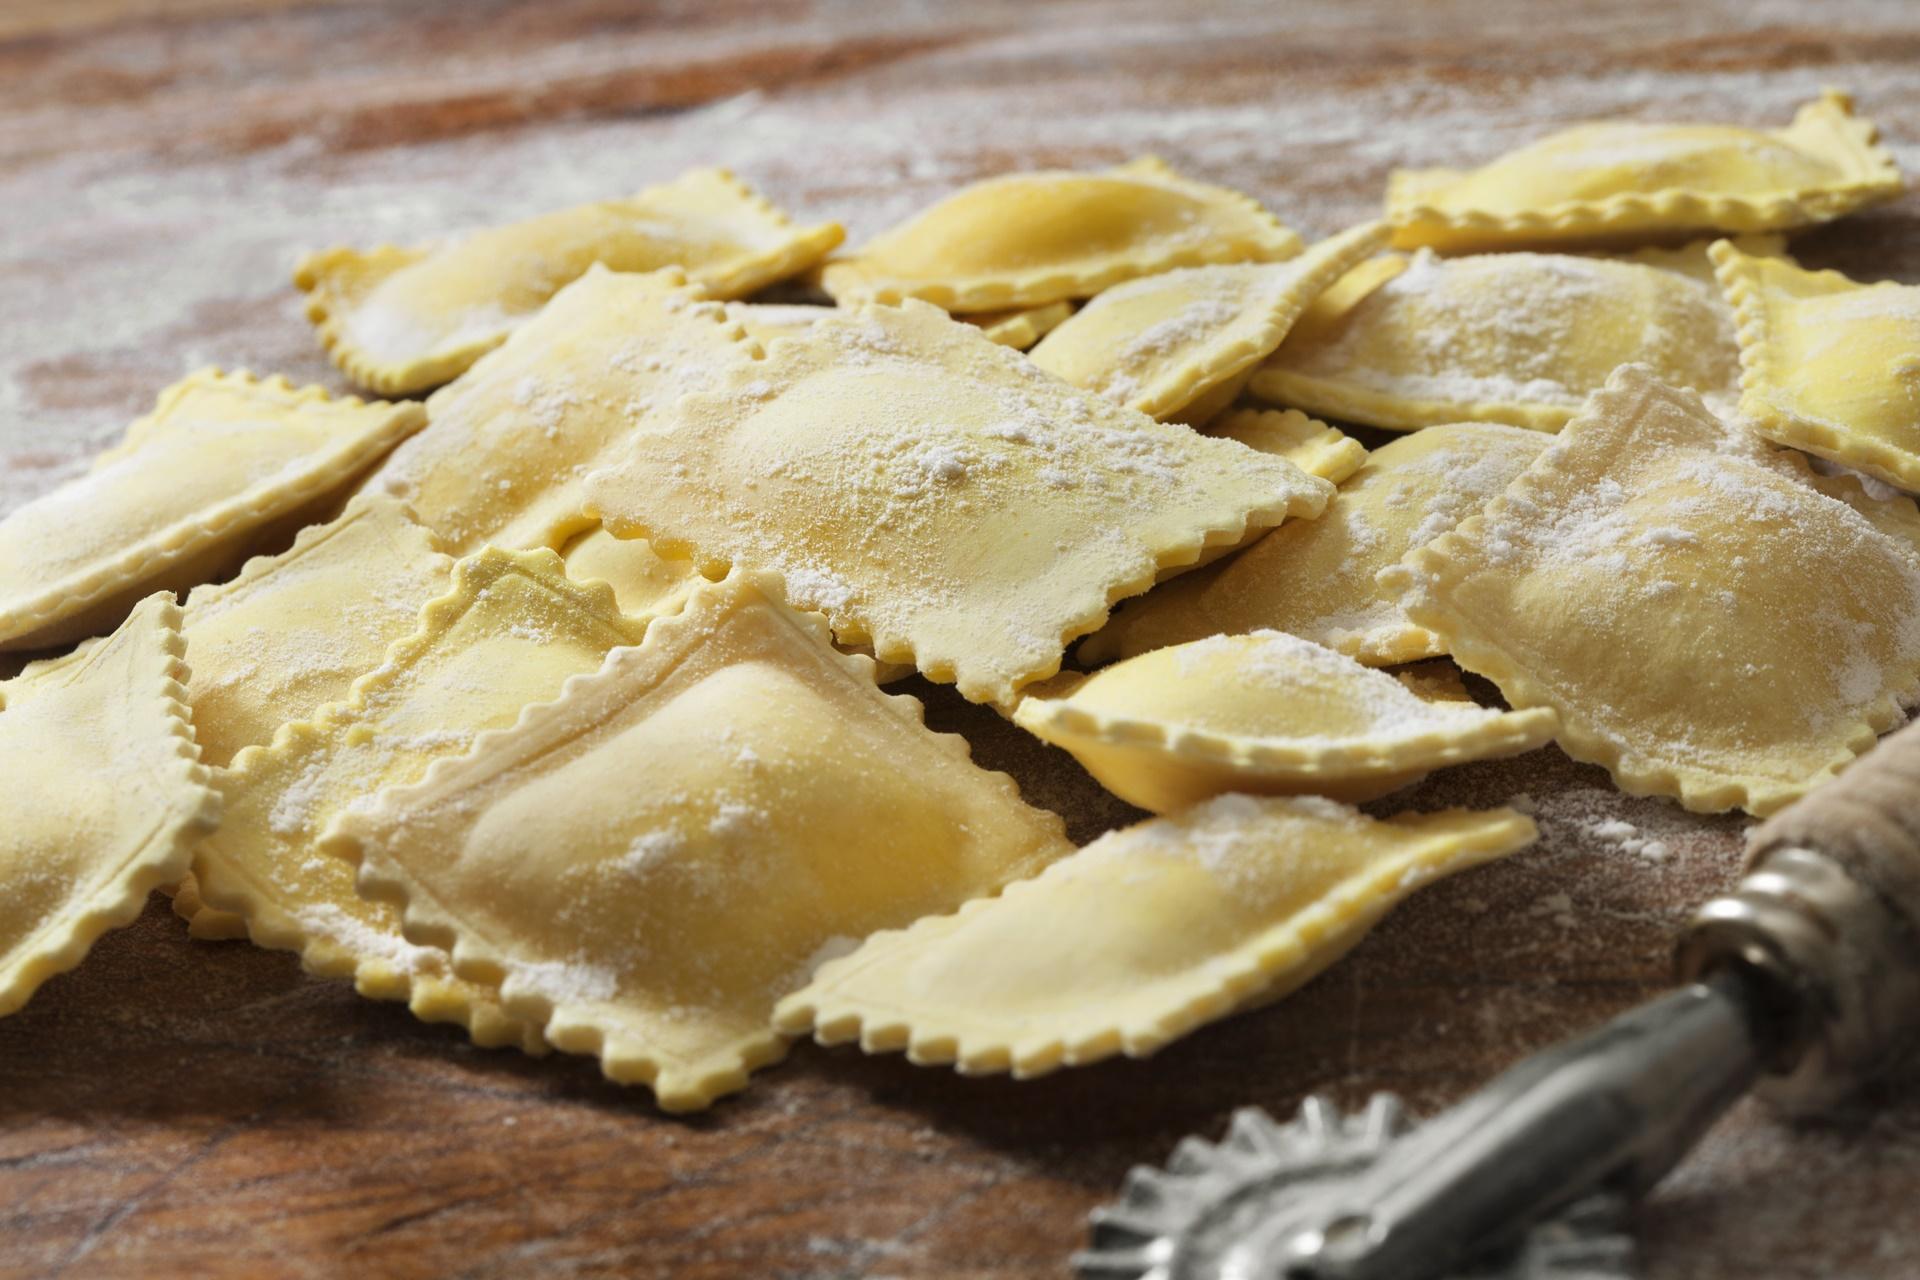 Ricetta Ravioli Sardi Fatti In Casa.Ravioli Fatti In Casa La Ricetta Per Prepararli